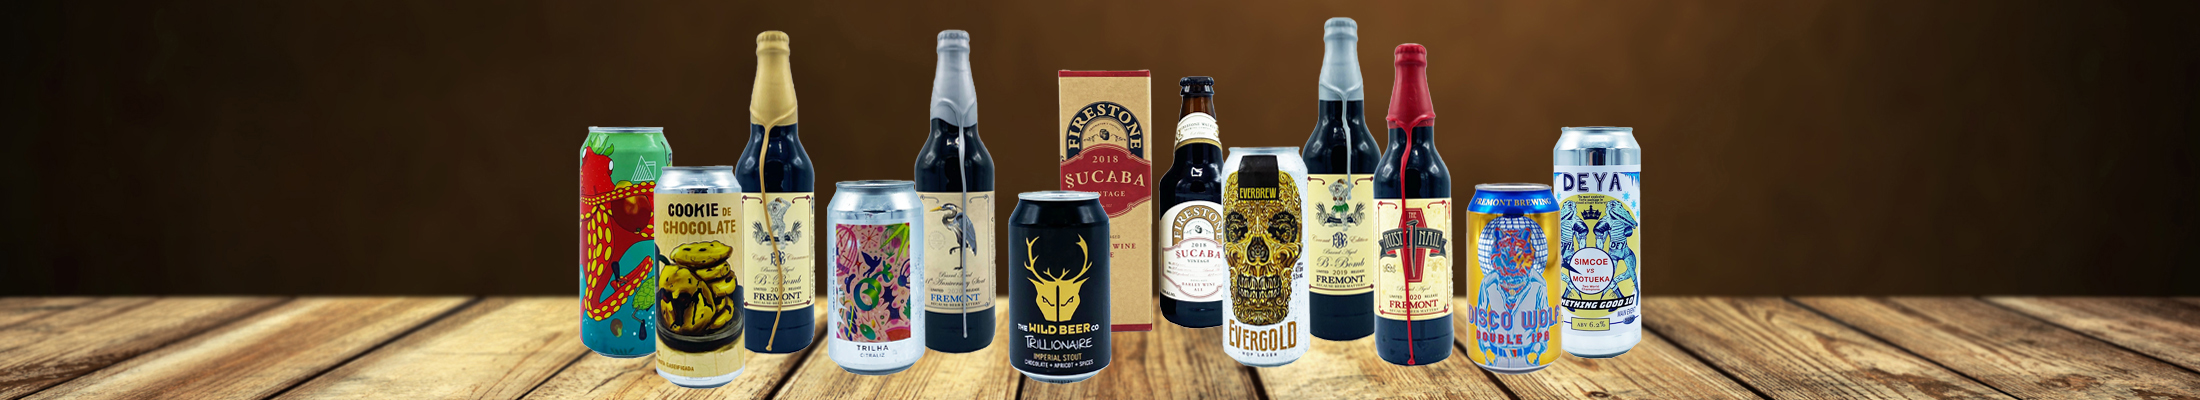 Fremont bieren en meer